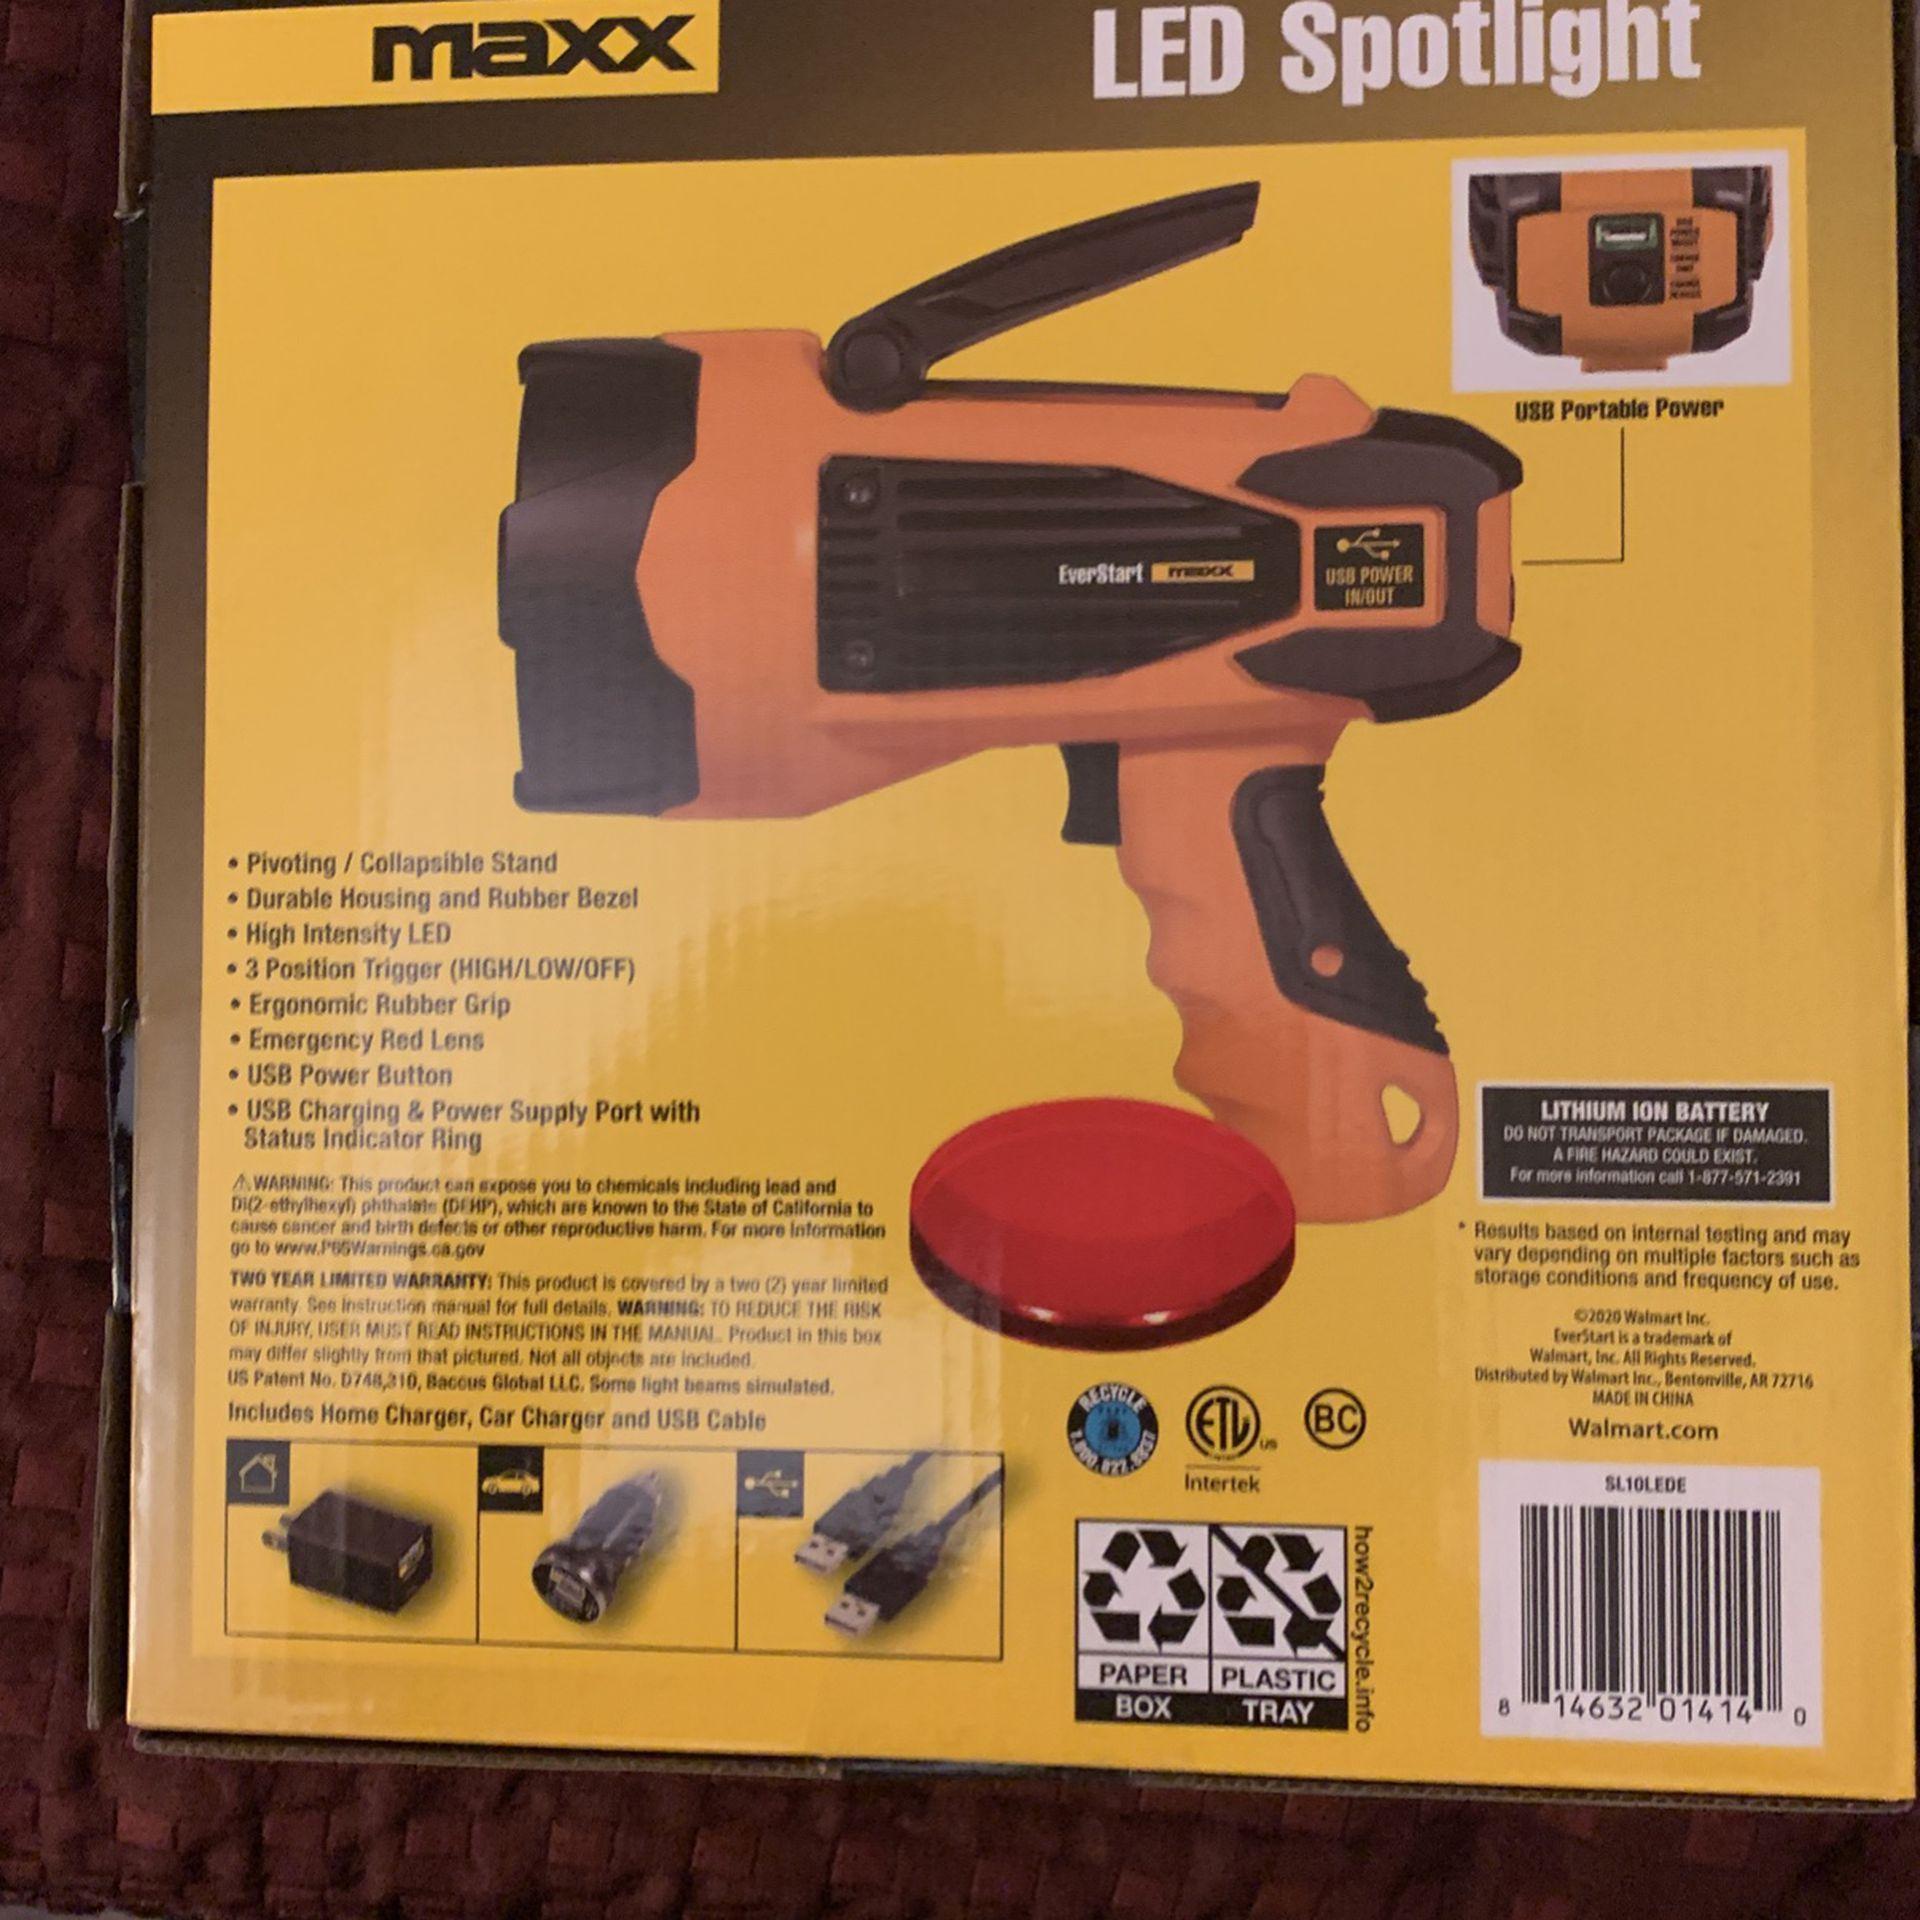 EverStart Maxx 10 Watt Rechargeable Lithium-Ion Led Spotlight